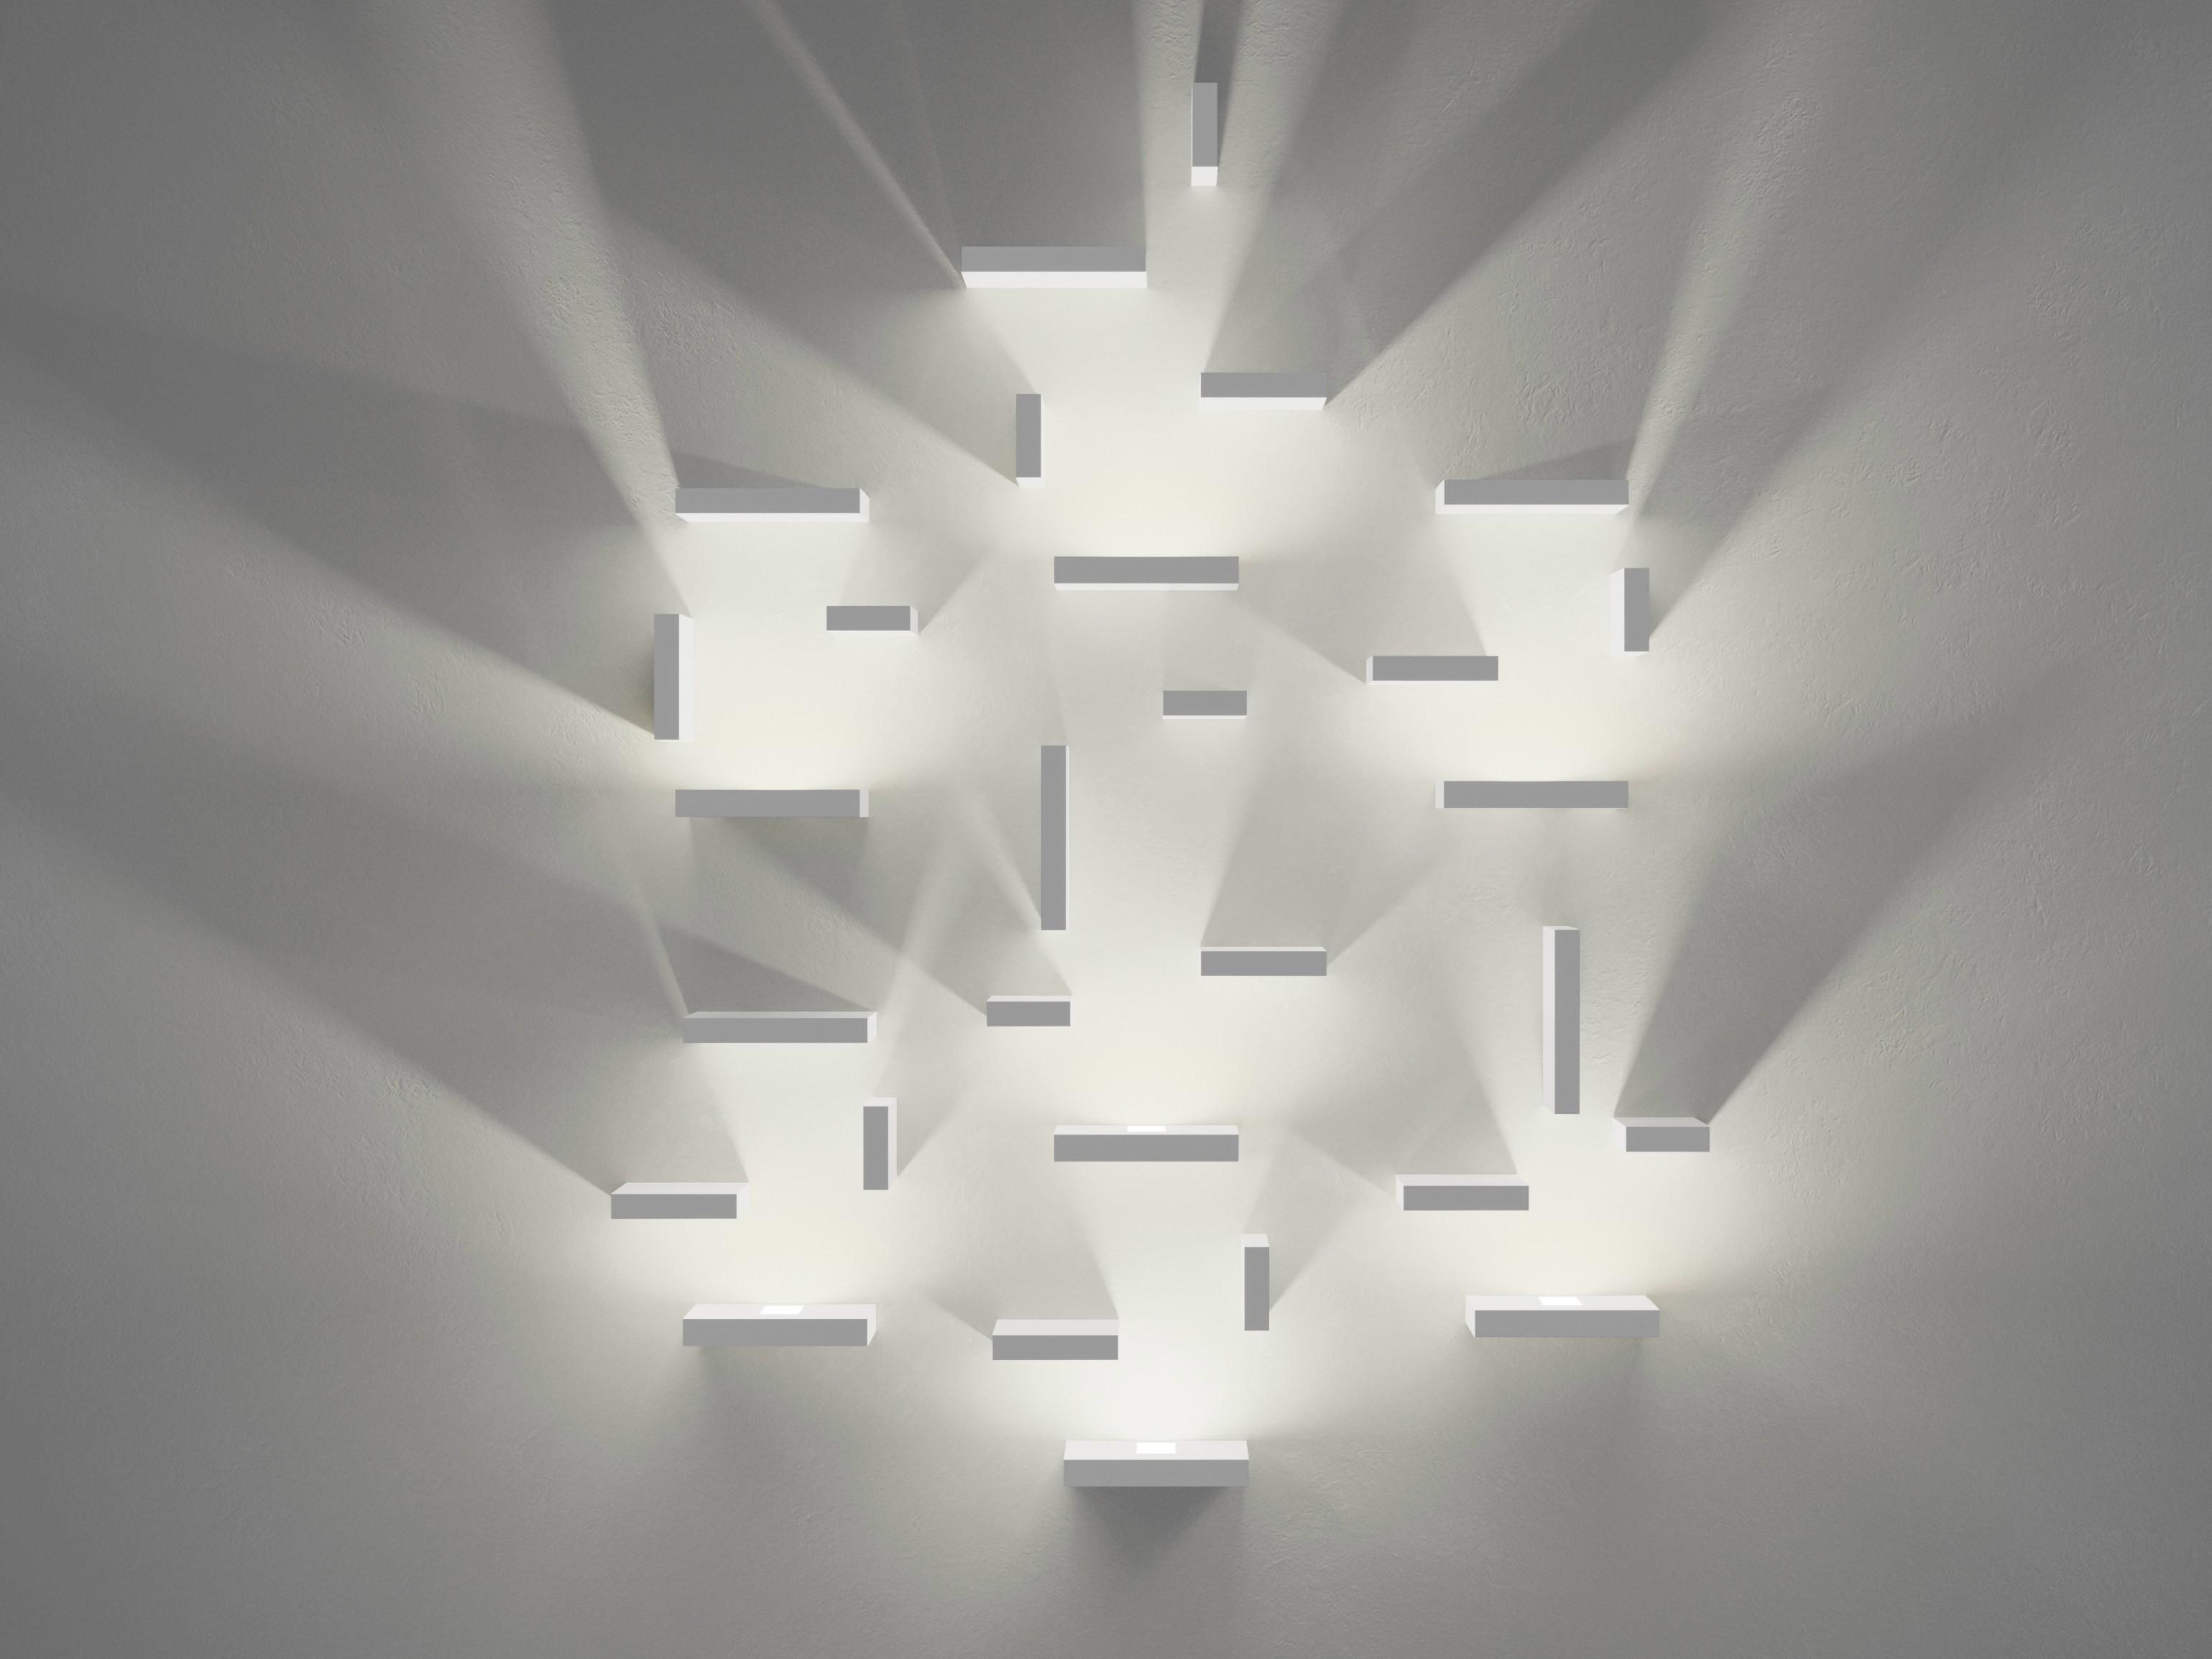 Et Idée Applique Murale Lampe Luminaire Grande Salon De Maison 1JlFKc